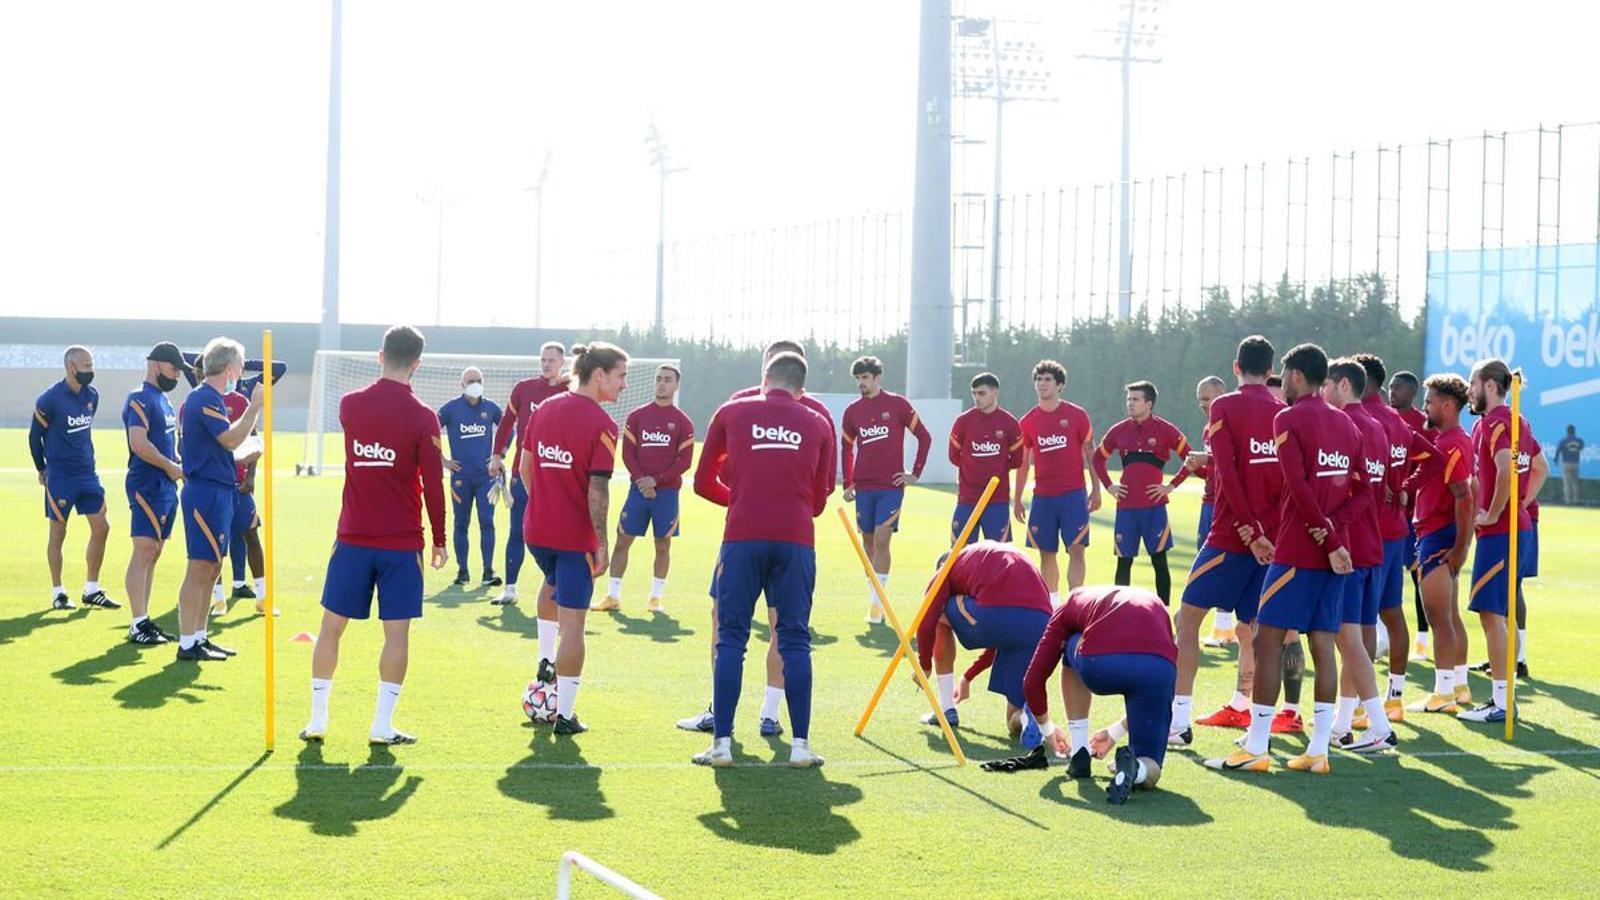 Els jugadors del Barça escoltant les indicacions del cos tècnic durant un entrenament.